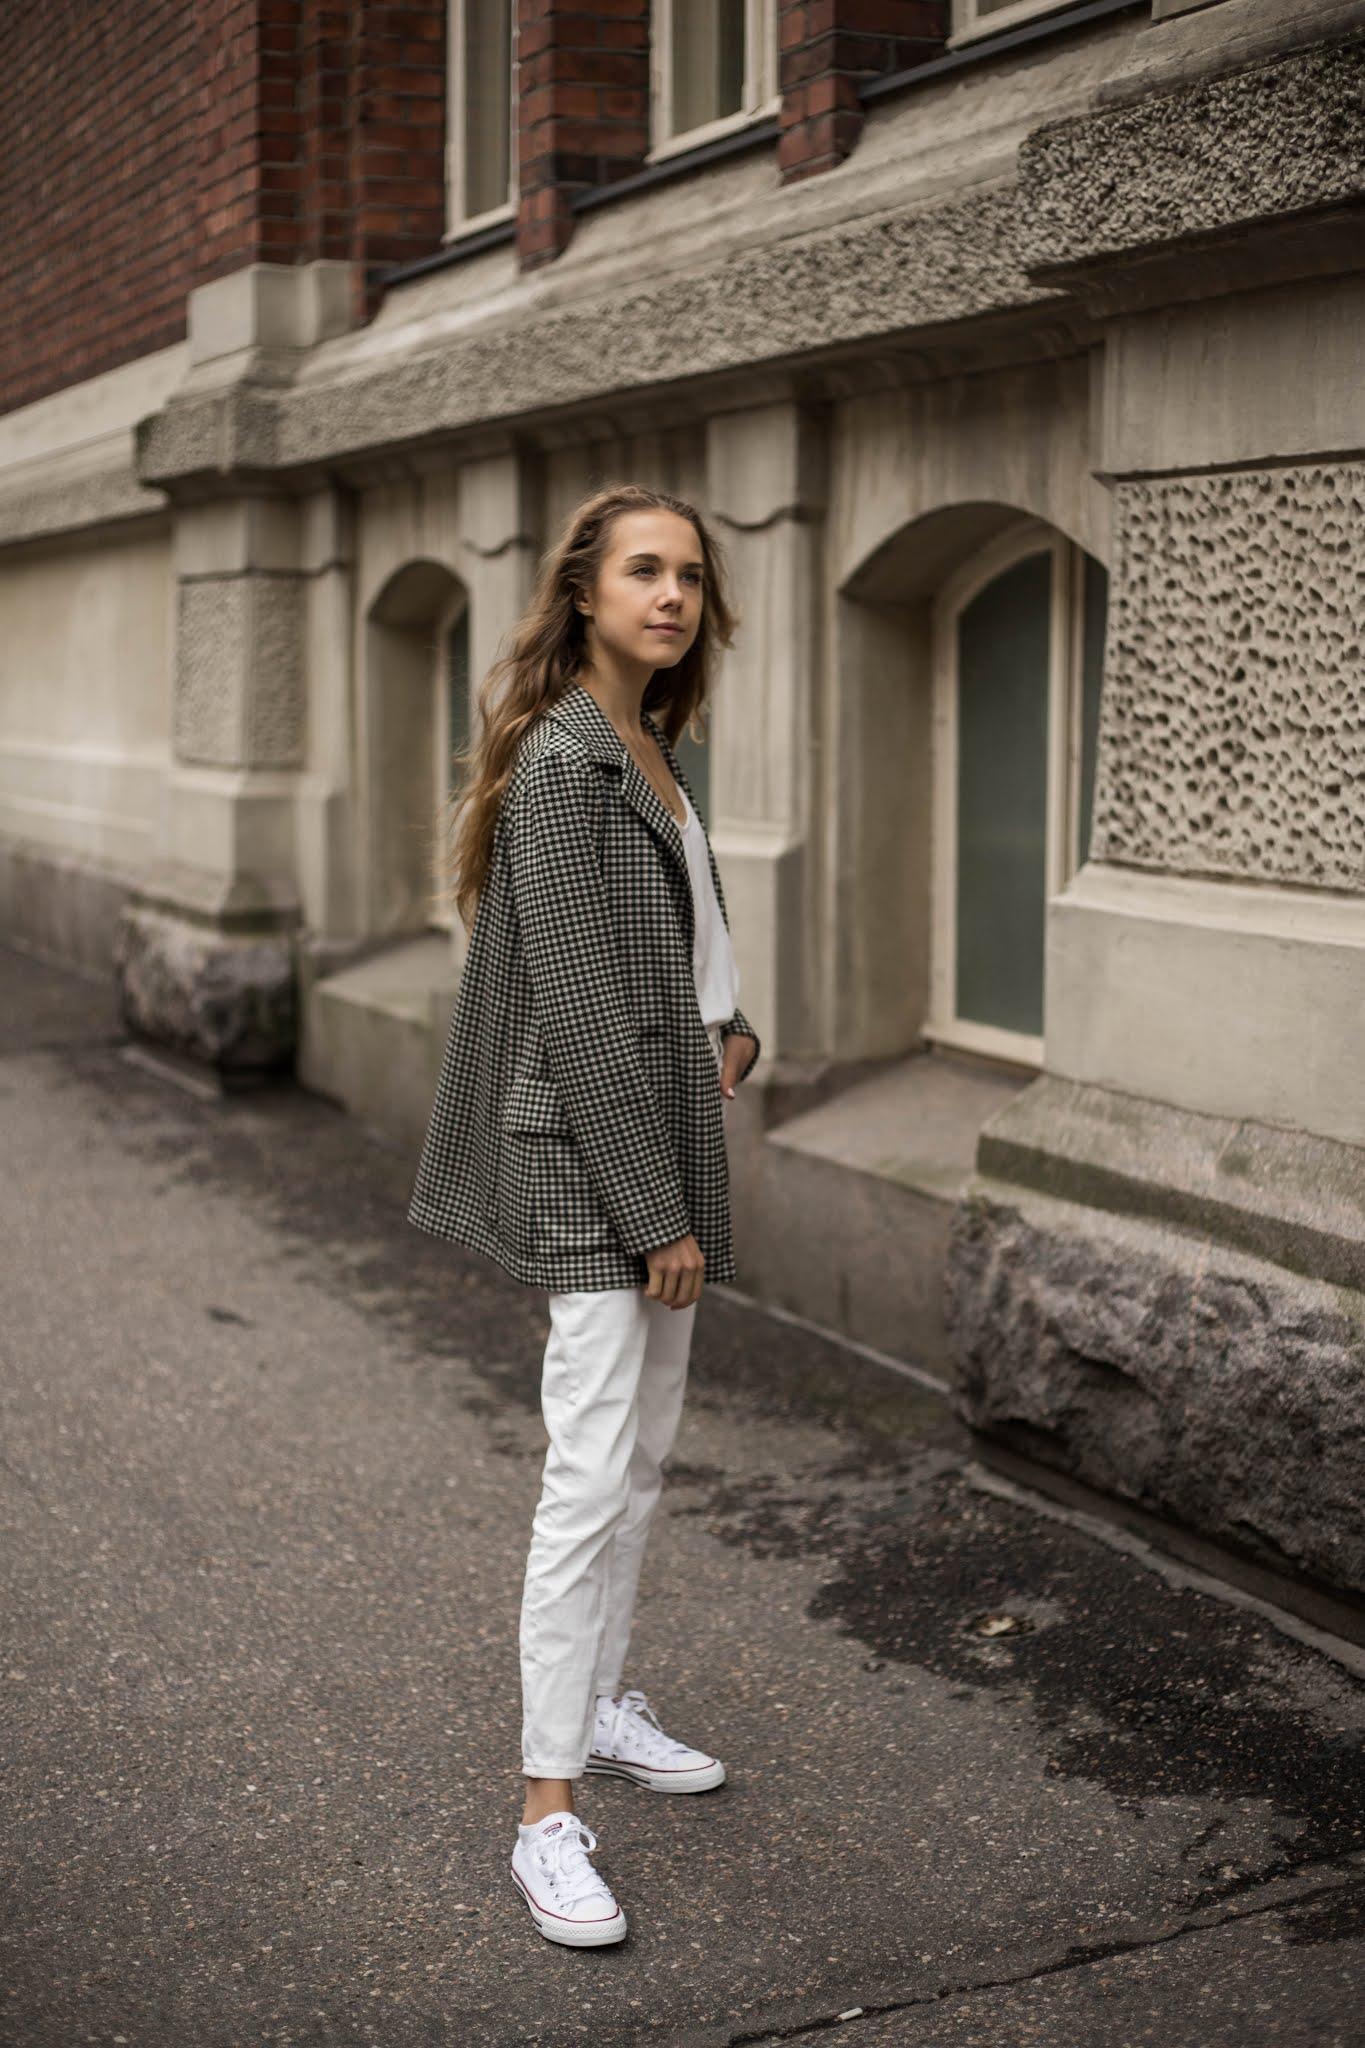 Vinkit kokovalkoiseen asuun syksyllä // Tips on wearing all white in autumn